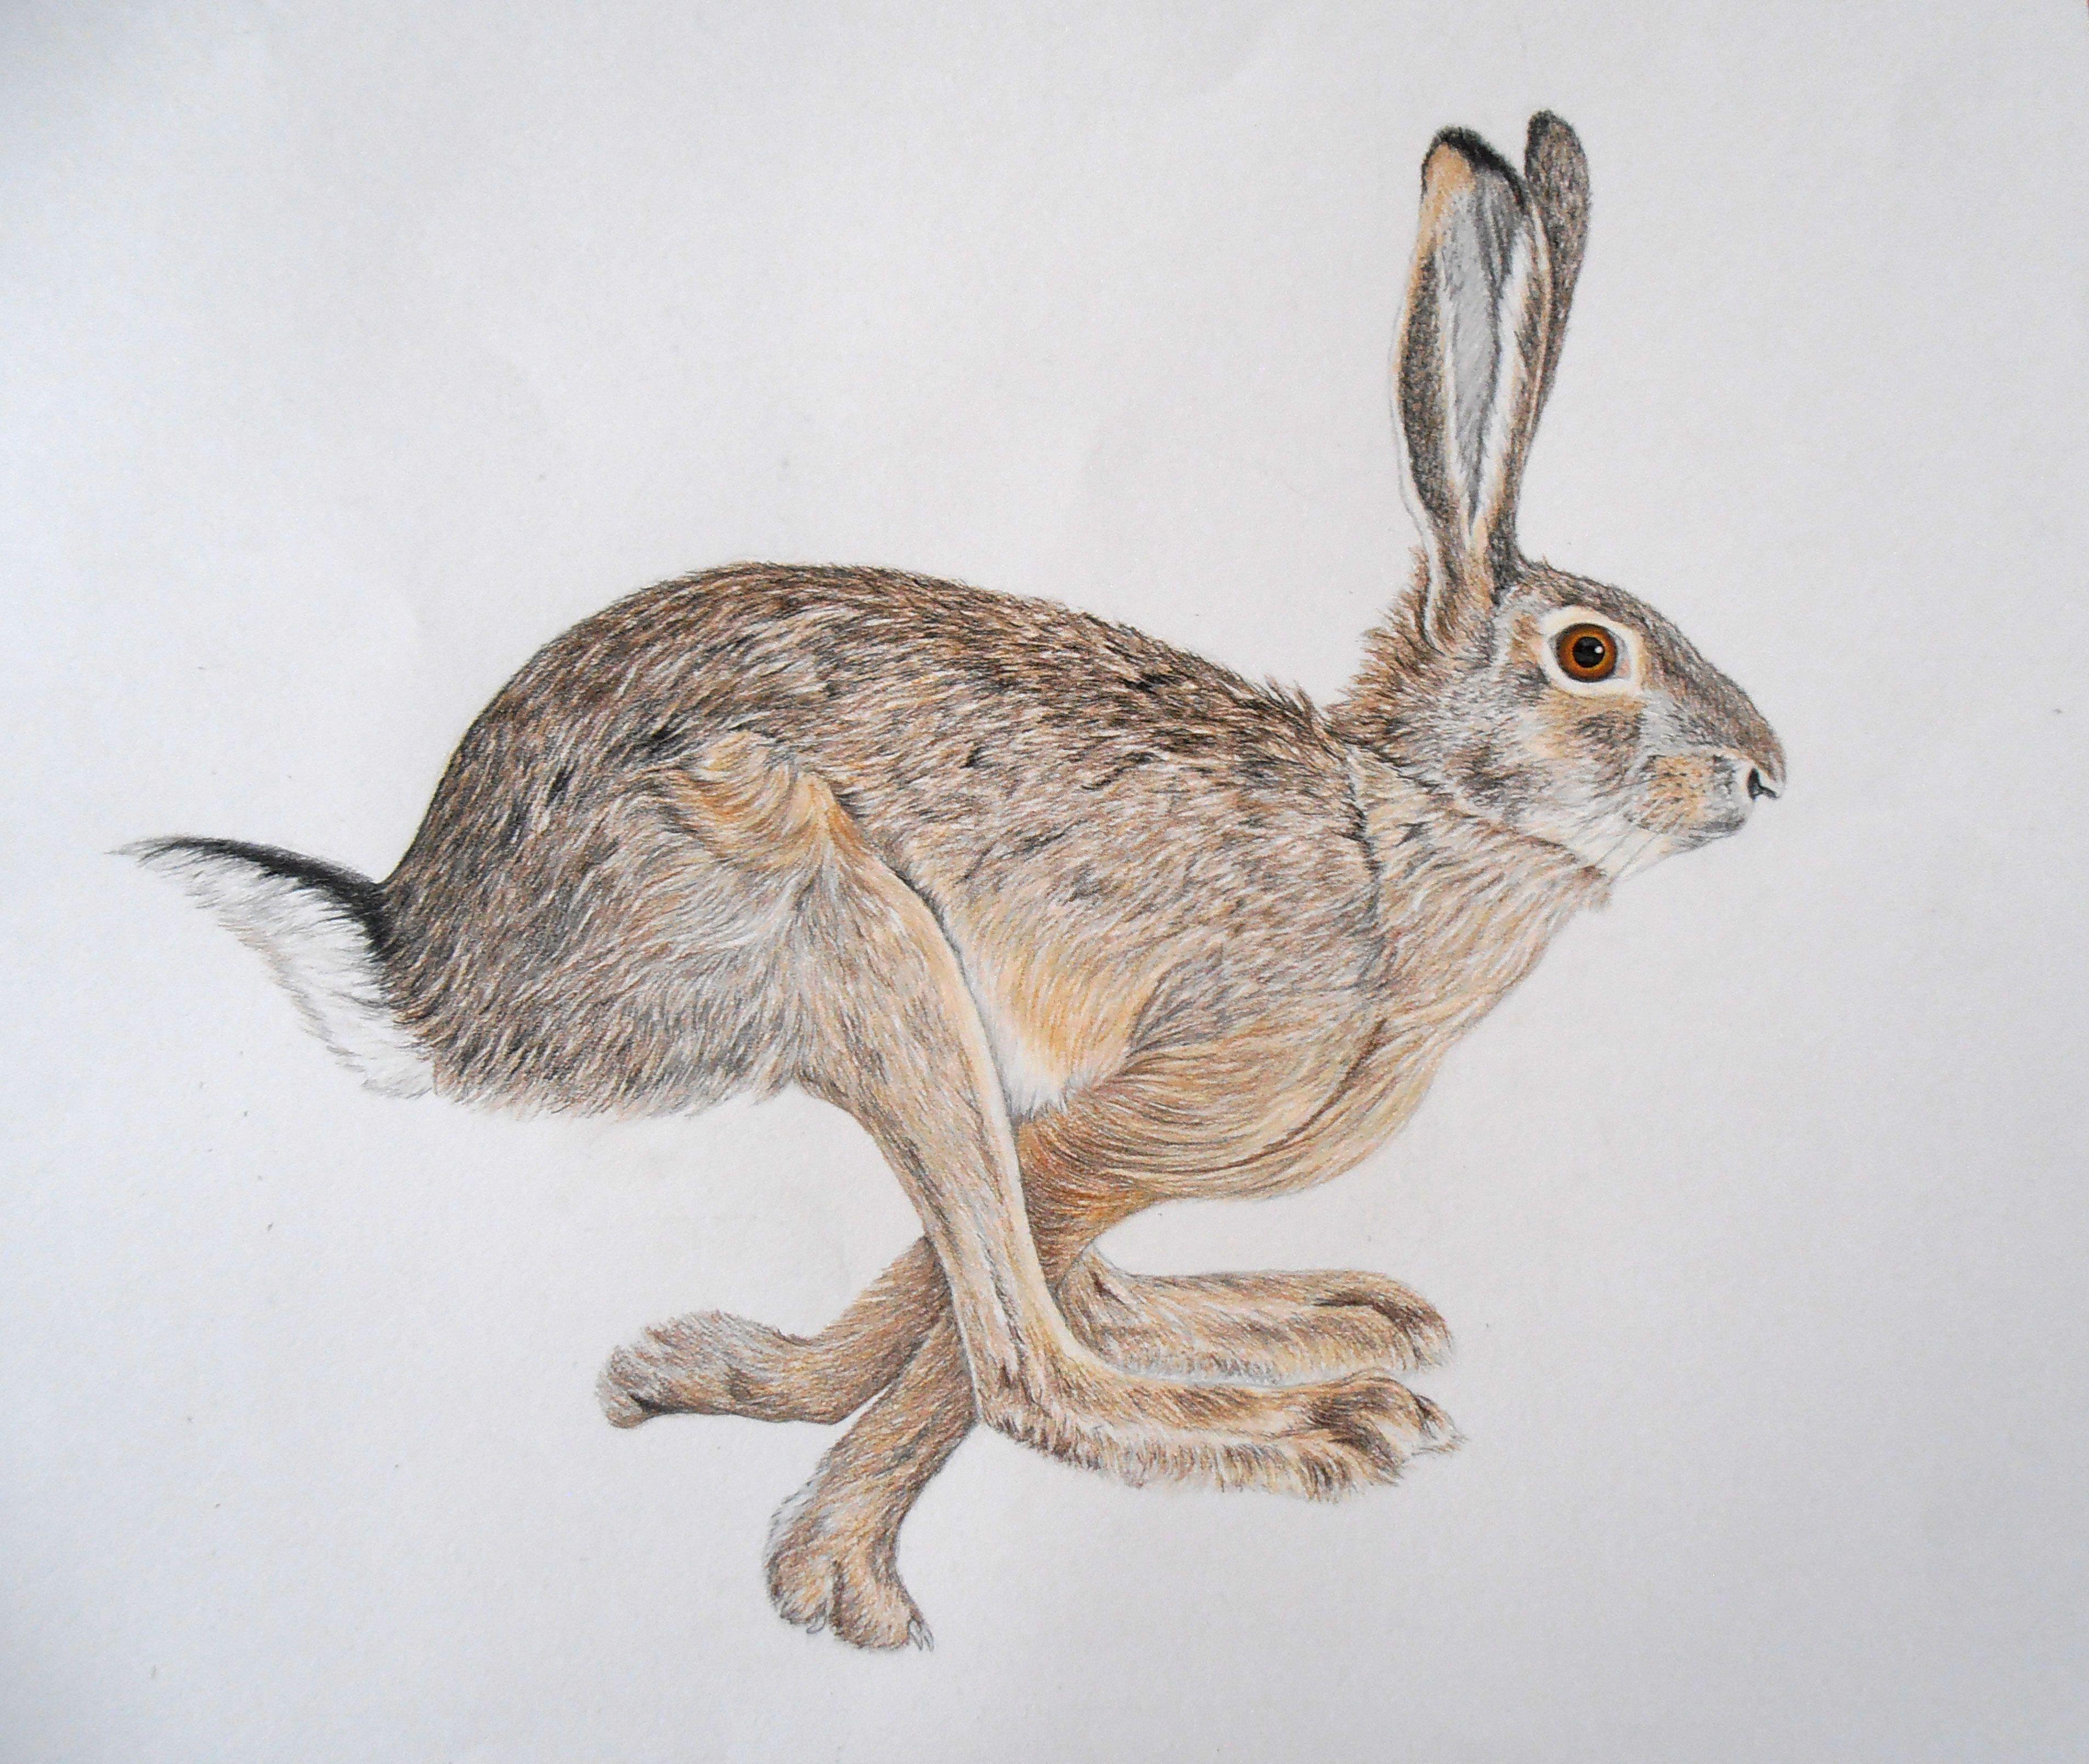 Lievre Alicia Penicaud Illustrations Art Animalier Illustrations Illustration